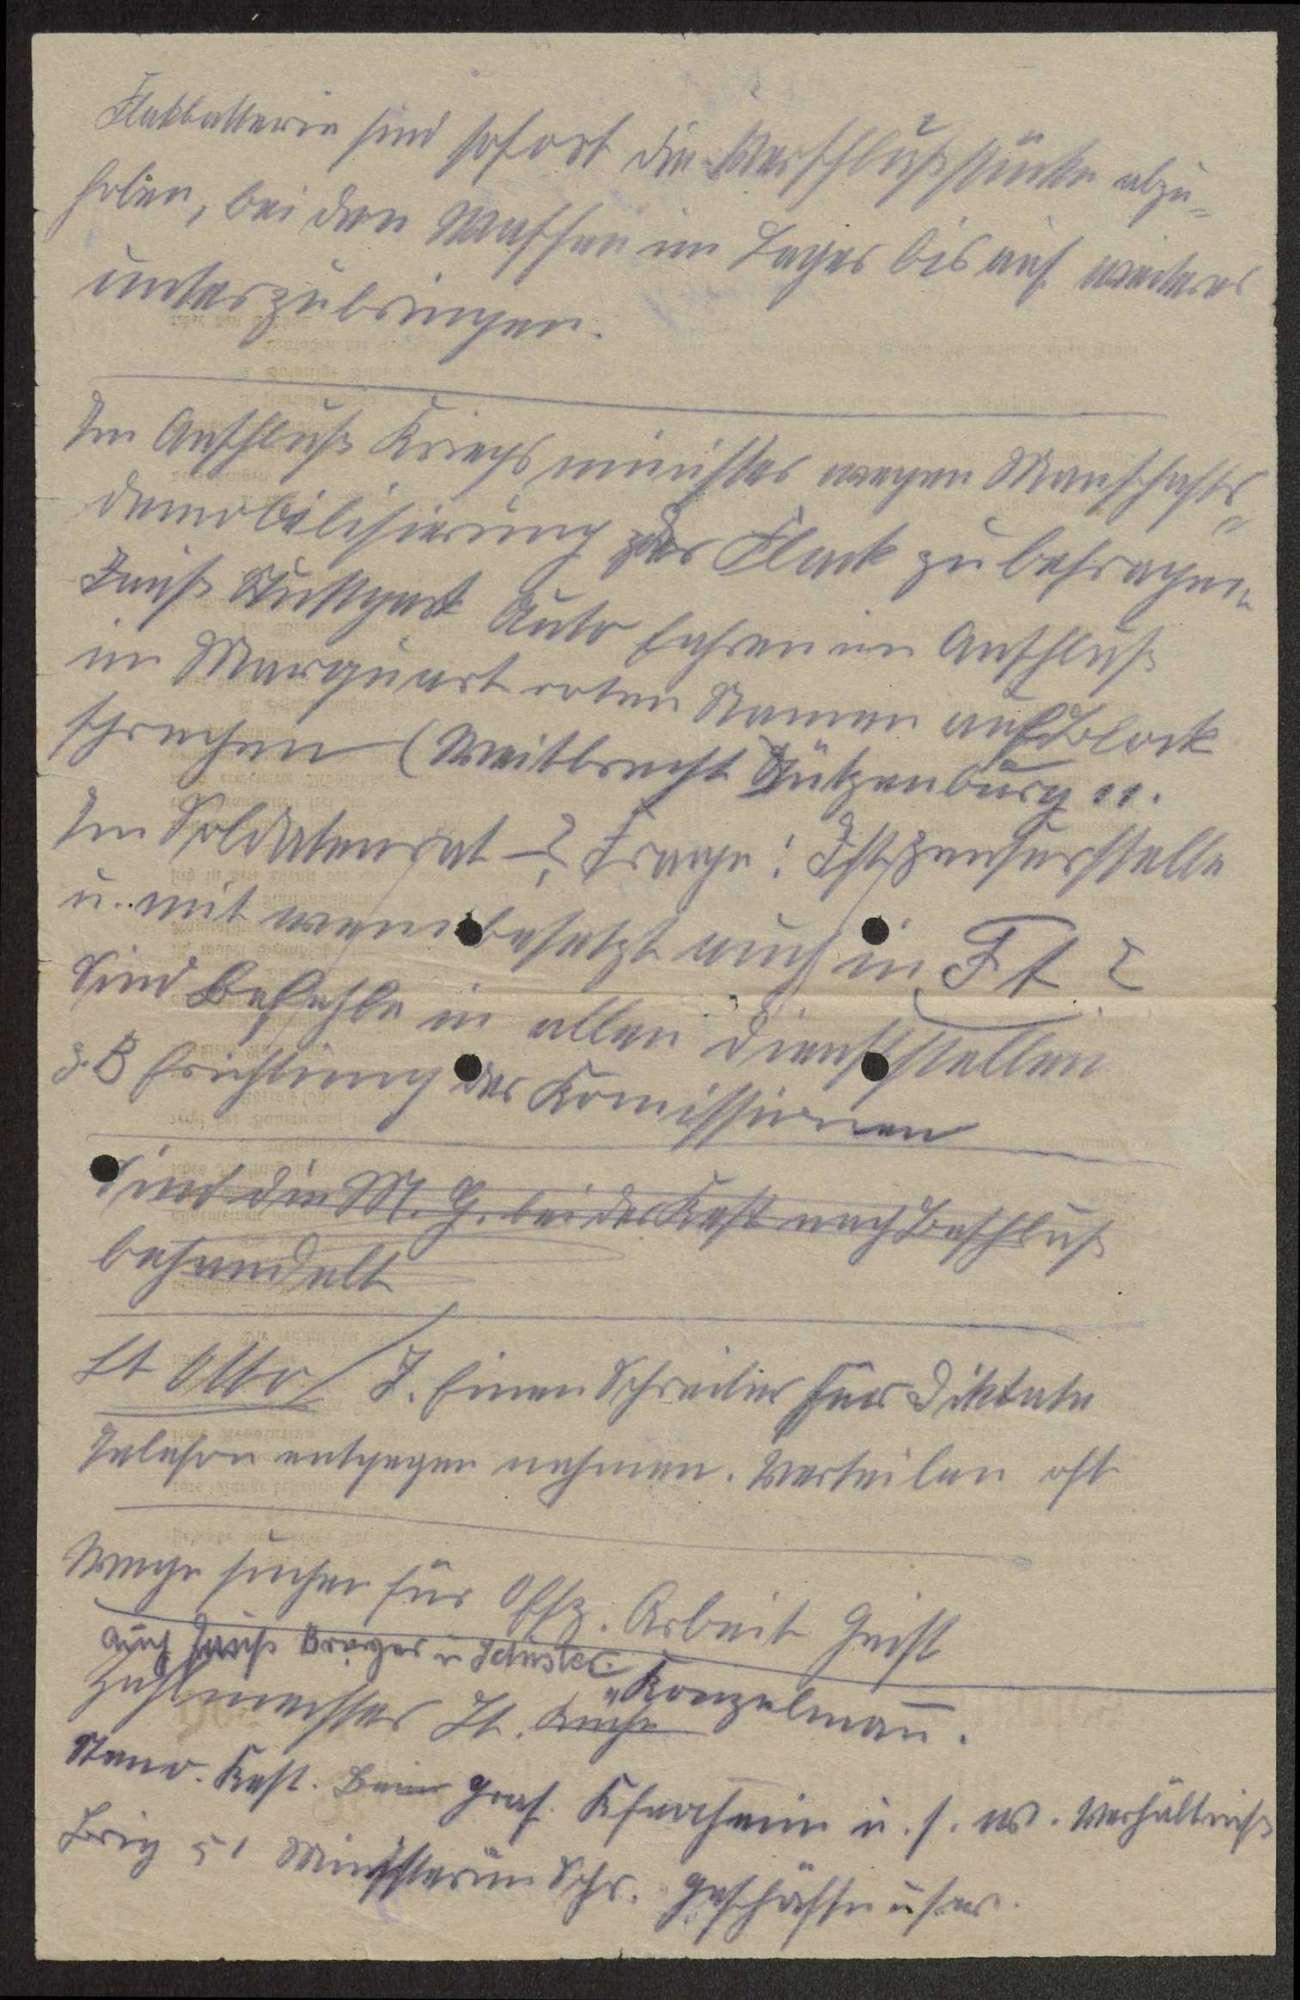 Vorläufiges Programm der Arbeiter- und Soldatenräte von Fritz Rück und A. Thalheimer, Bild 2